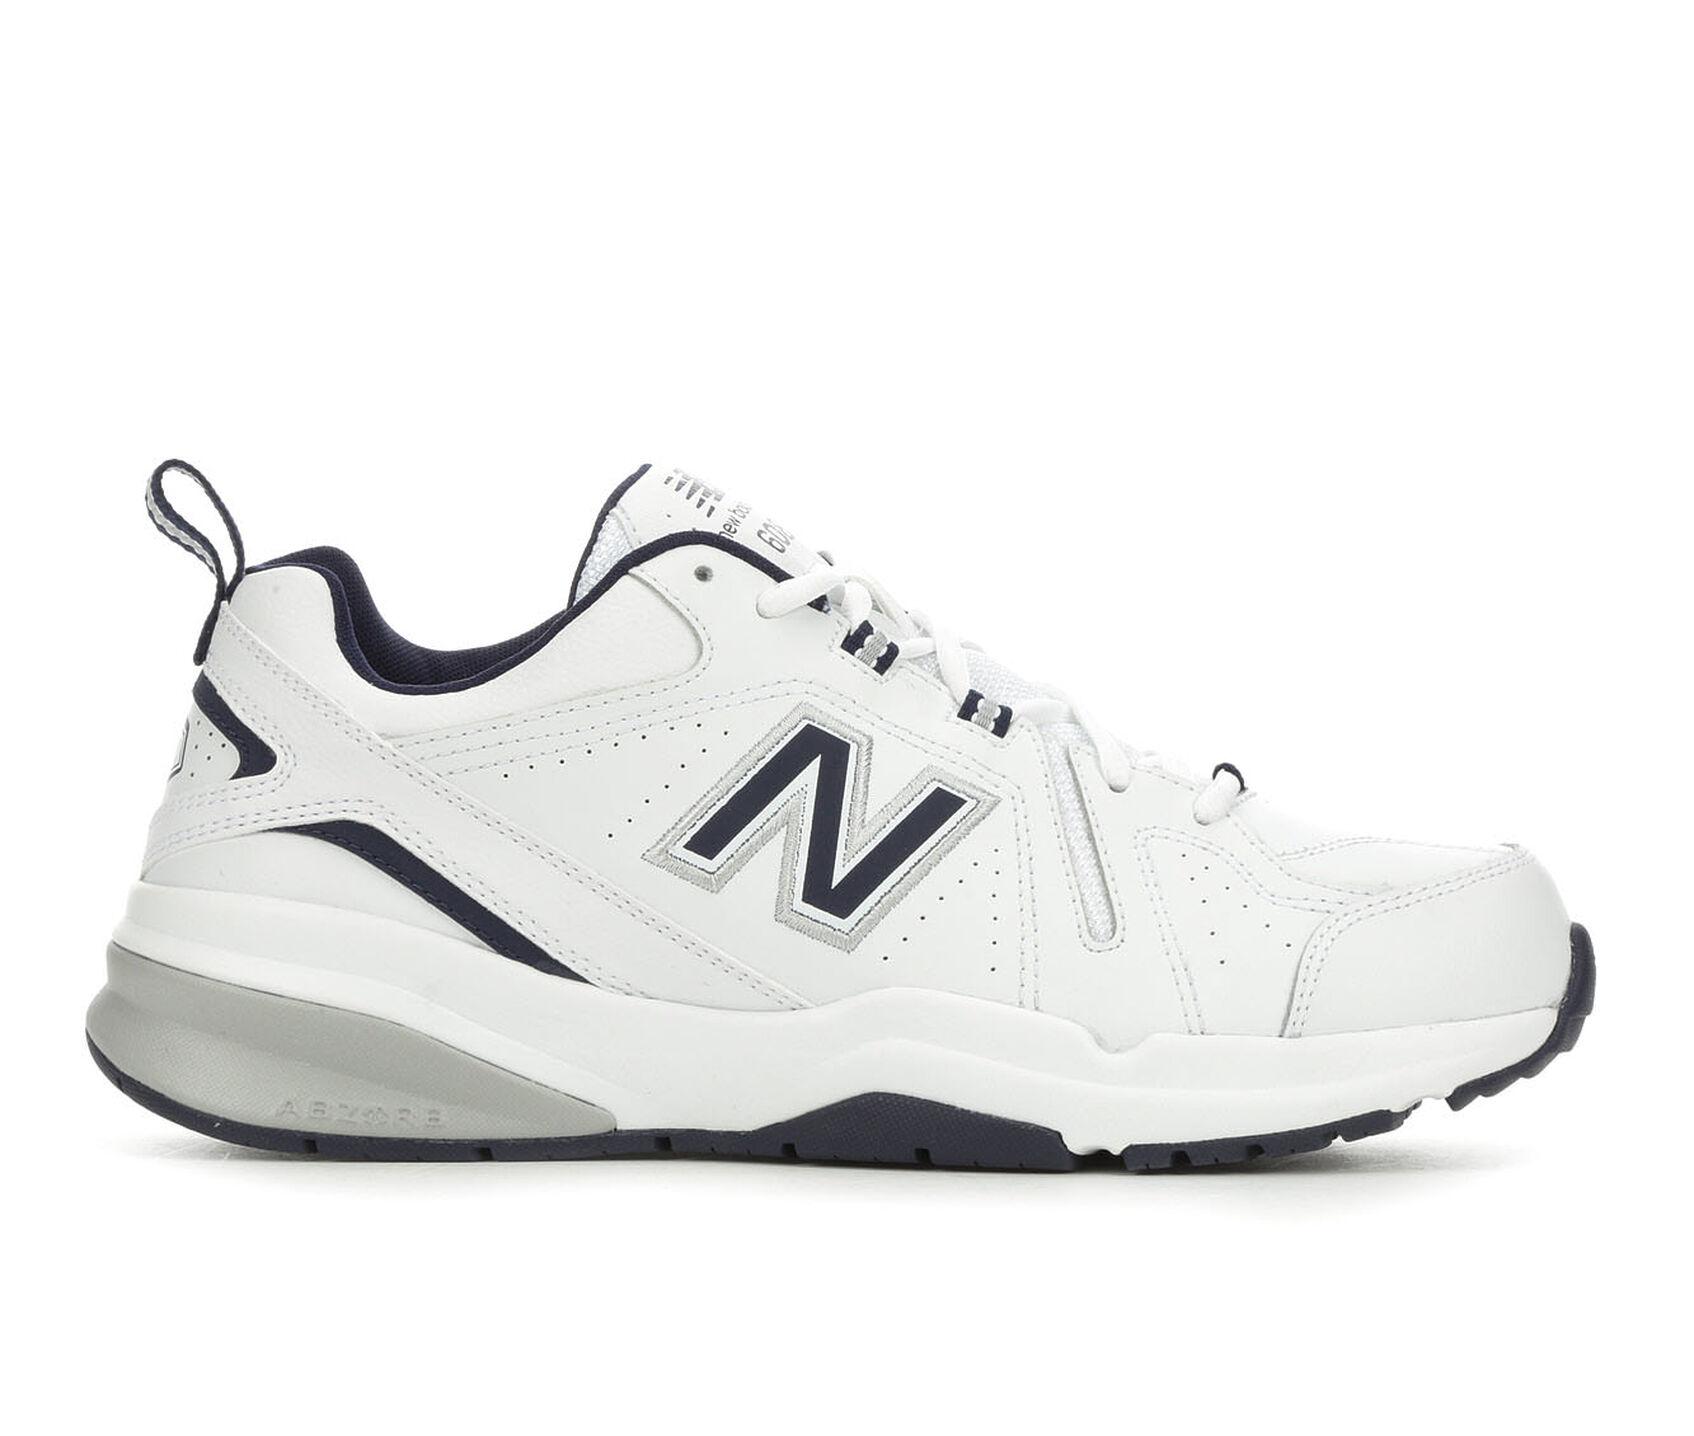 3639e4779f5ee Men's New Balance MX608V5 Training Shoes | Shoe Carnival